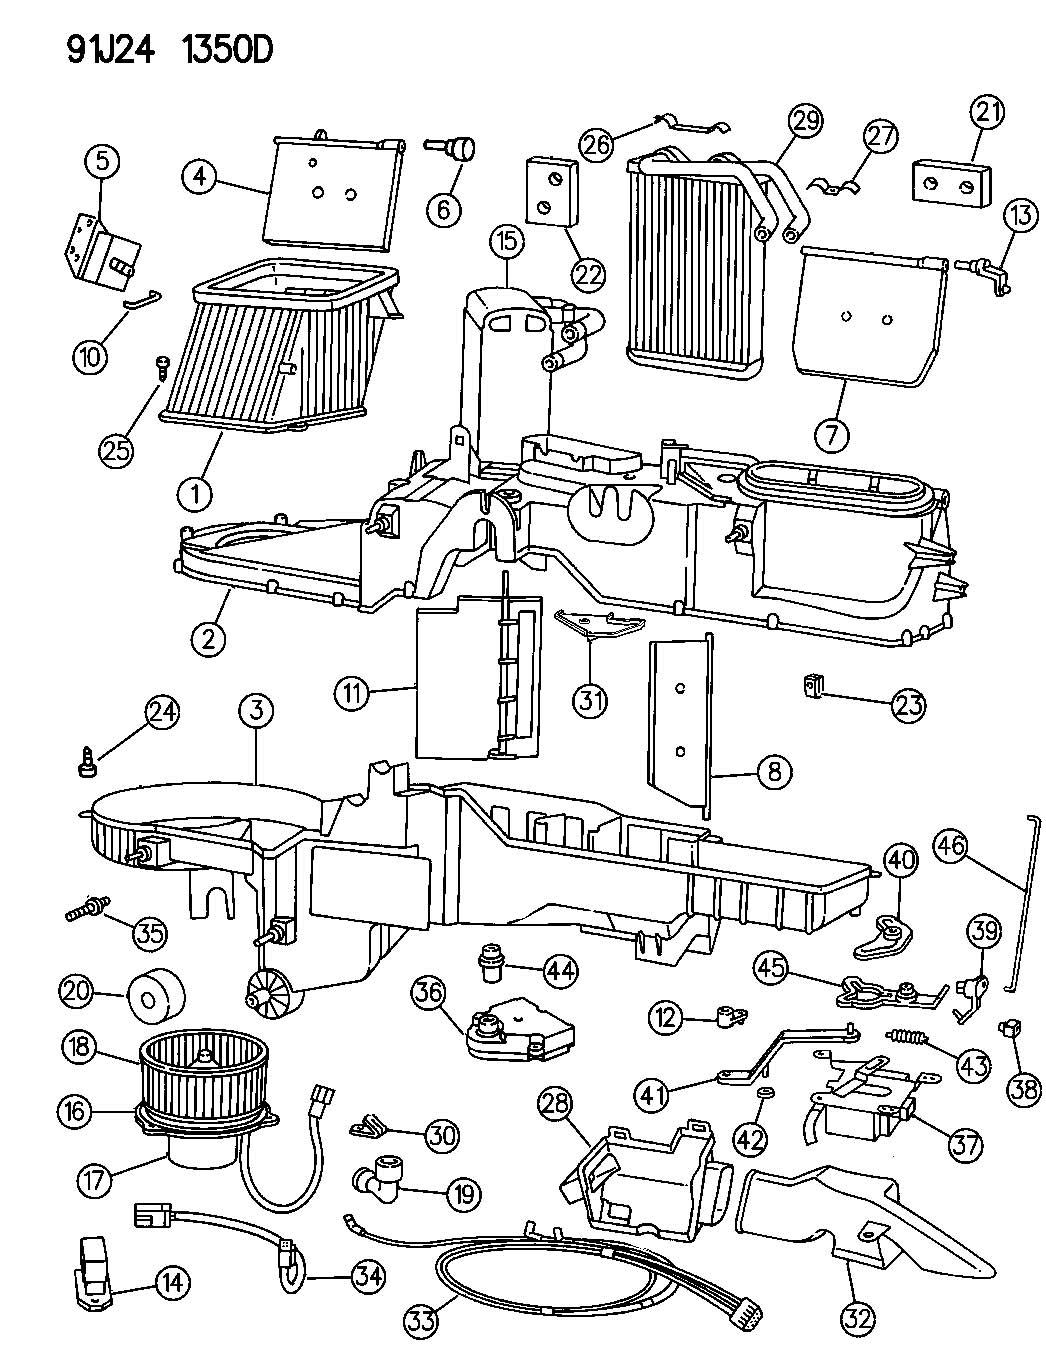 1995 Jeep Actuator. Heater. Heatdefrost, defrost